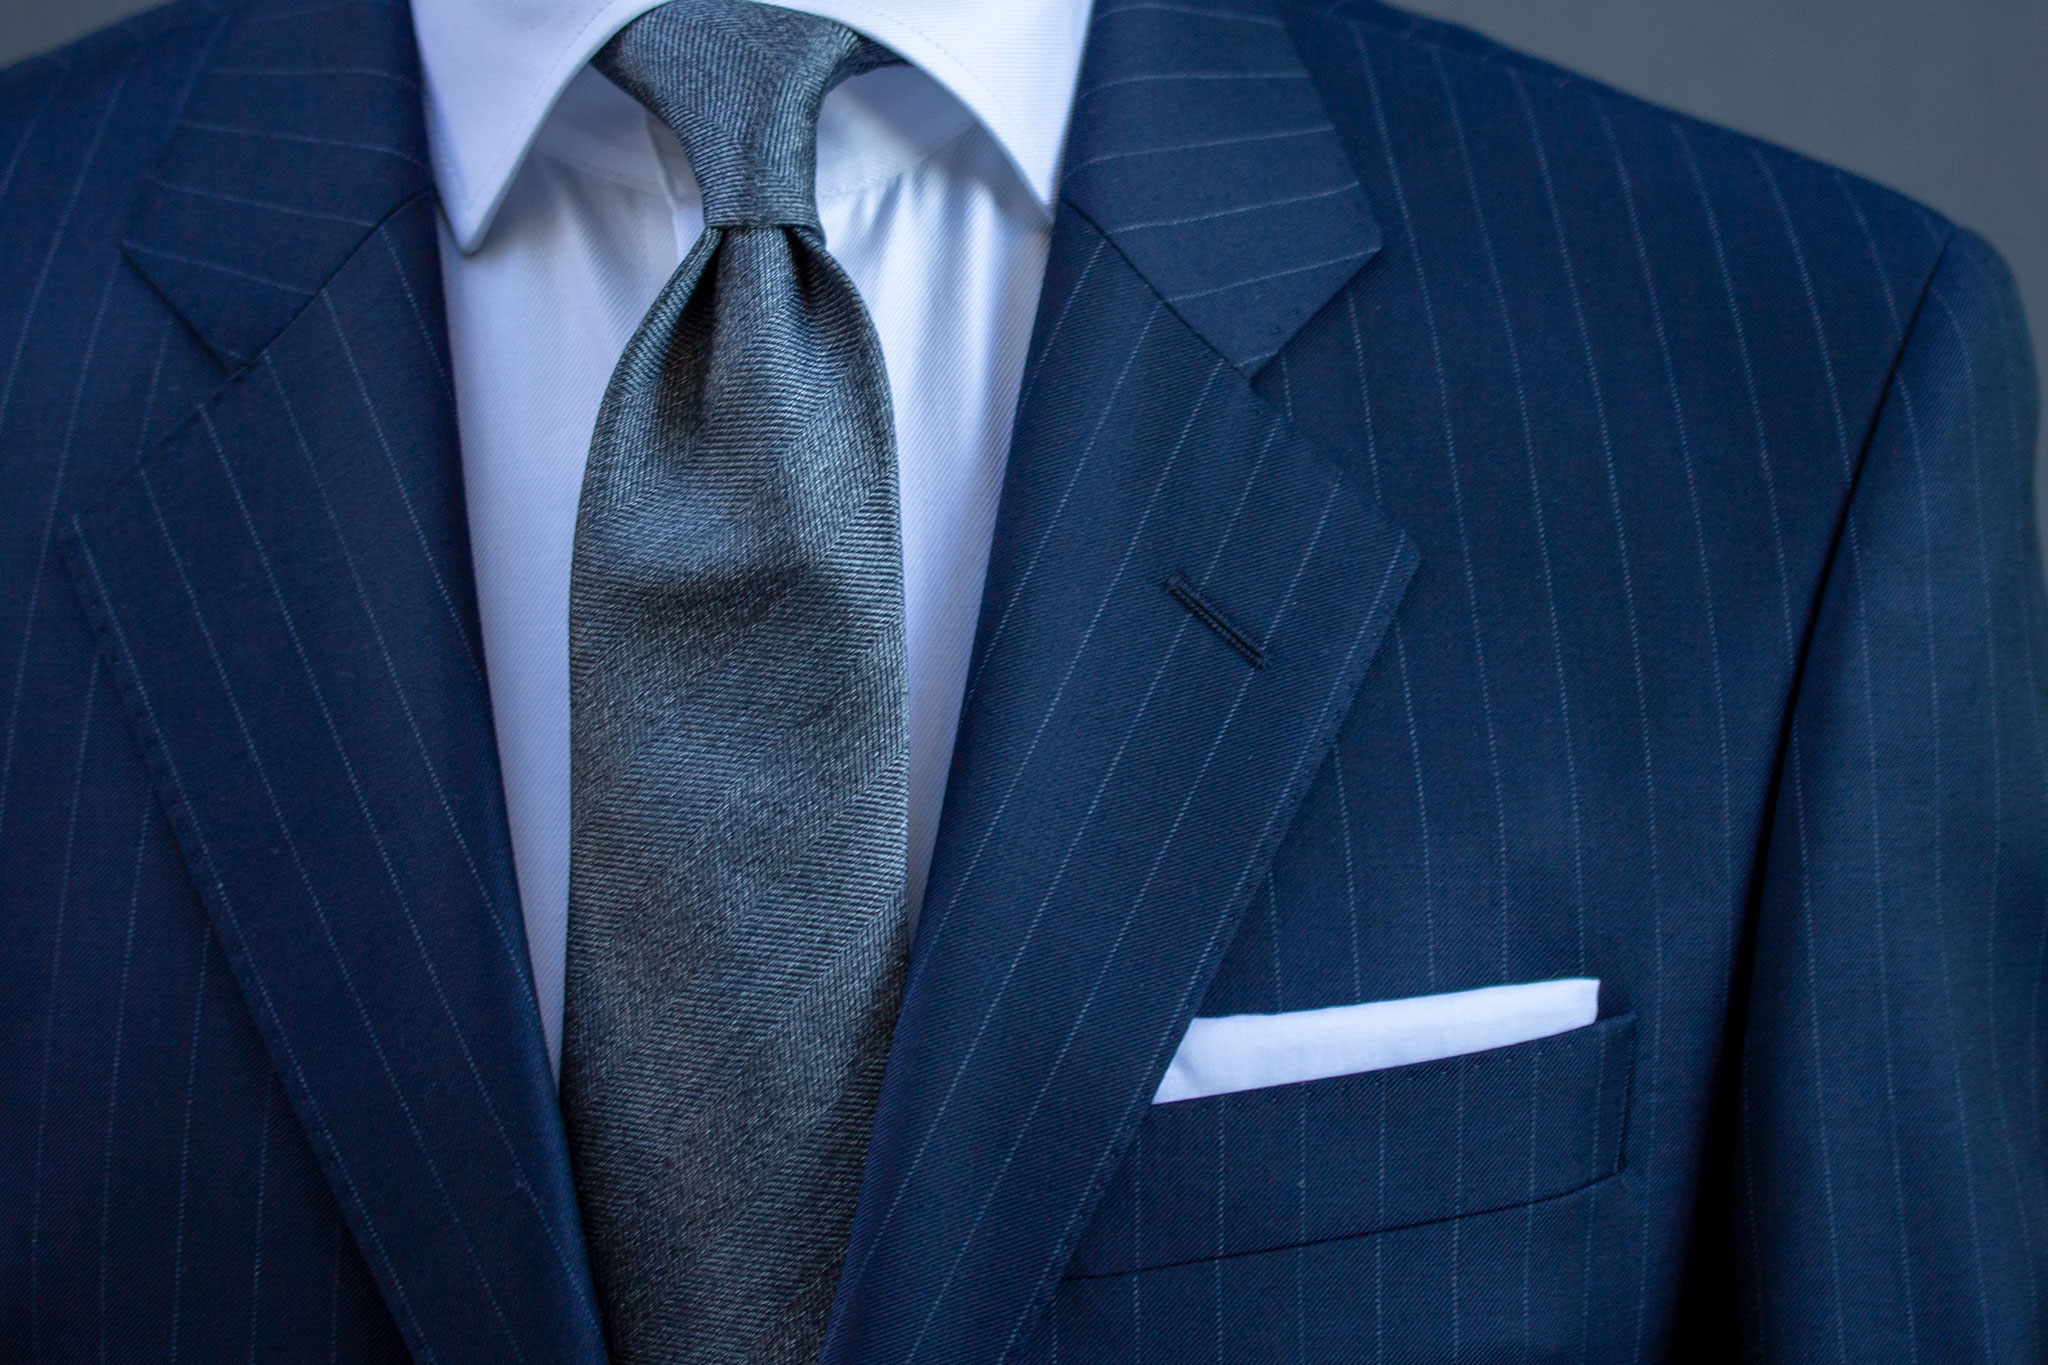 Navy pinstripe dress, tilgjengelig hos Menswear Hegdehaugsveien.